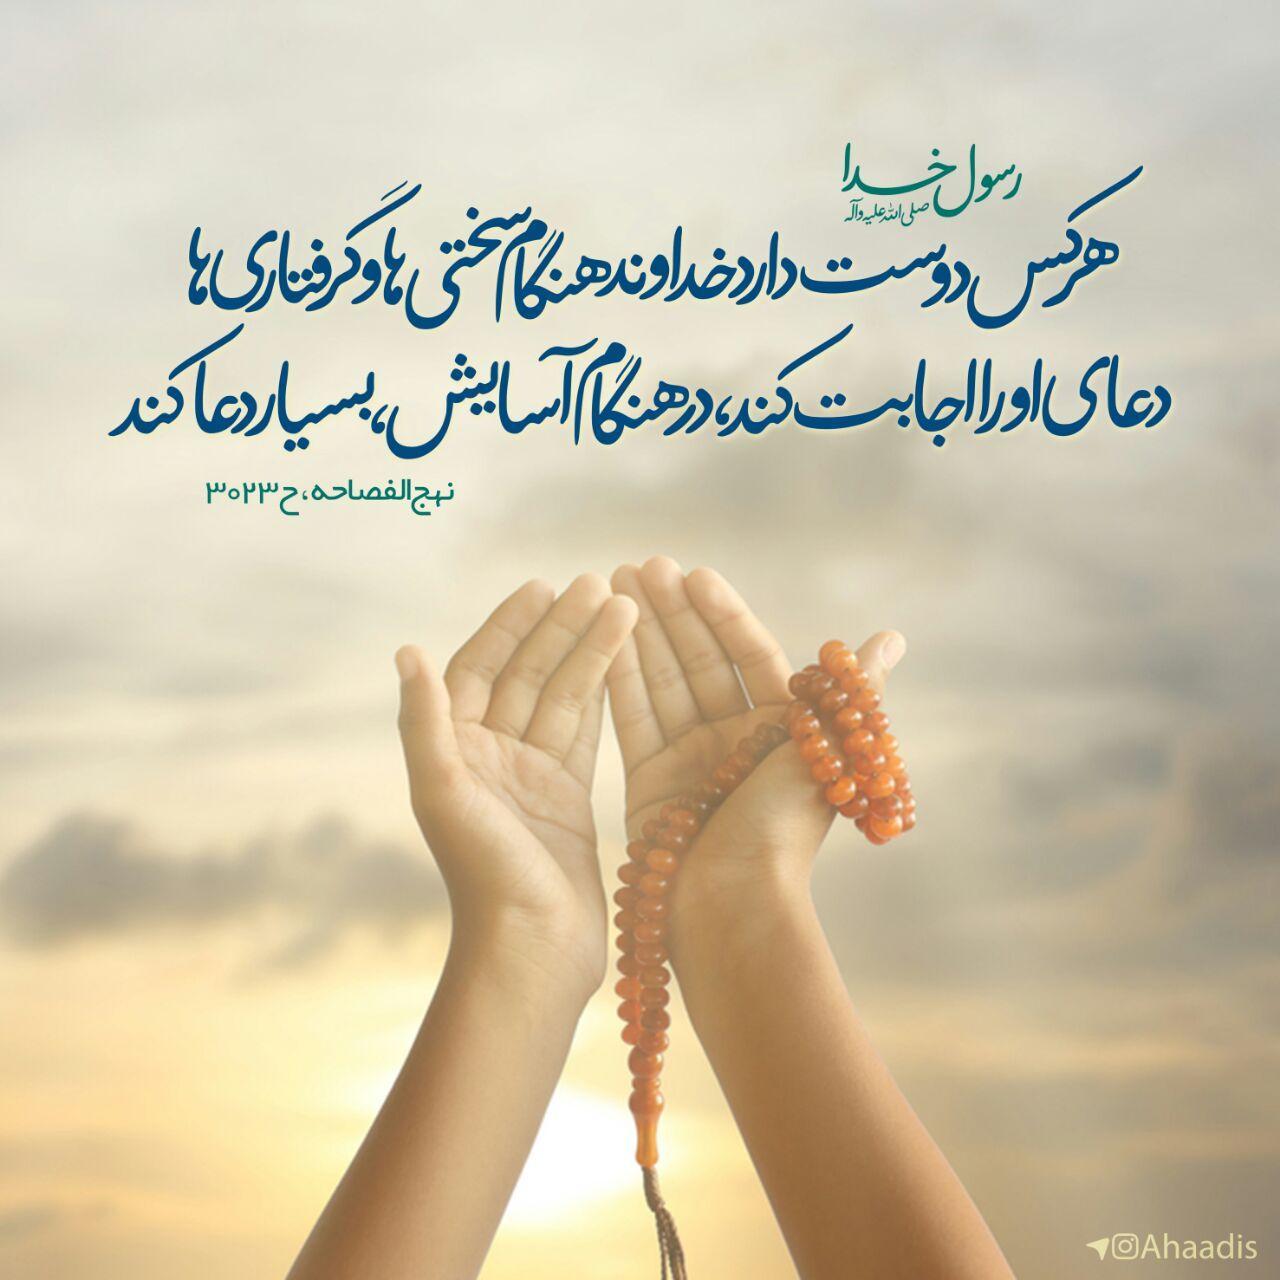 دعا و ذکر برای آرامش و خواب راحت - نیوز پارسی